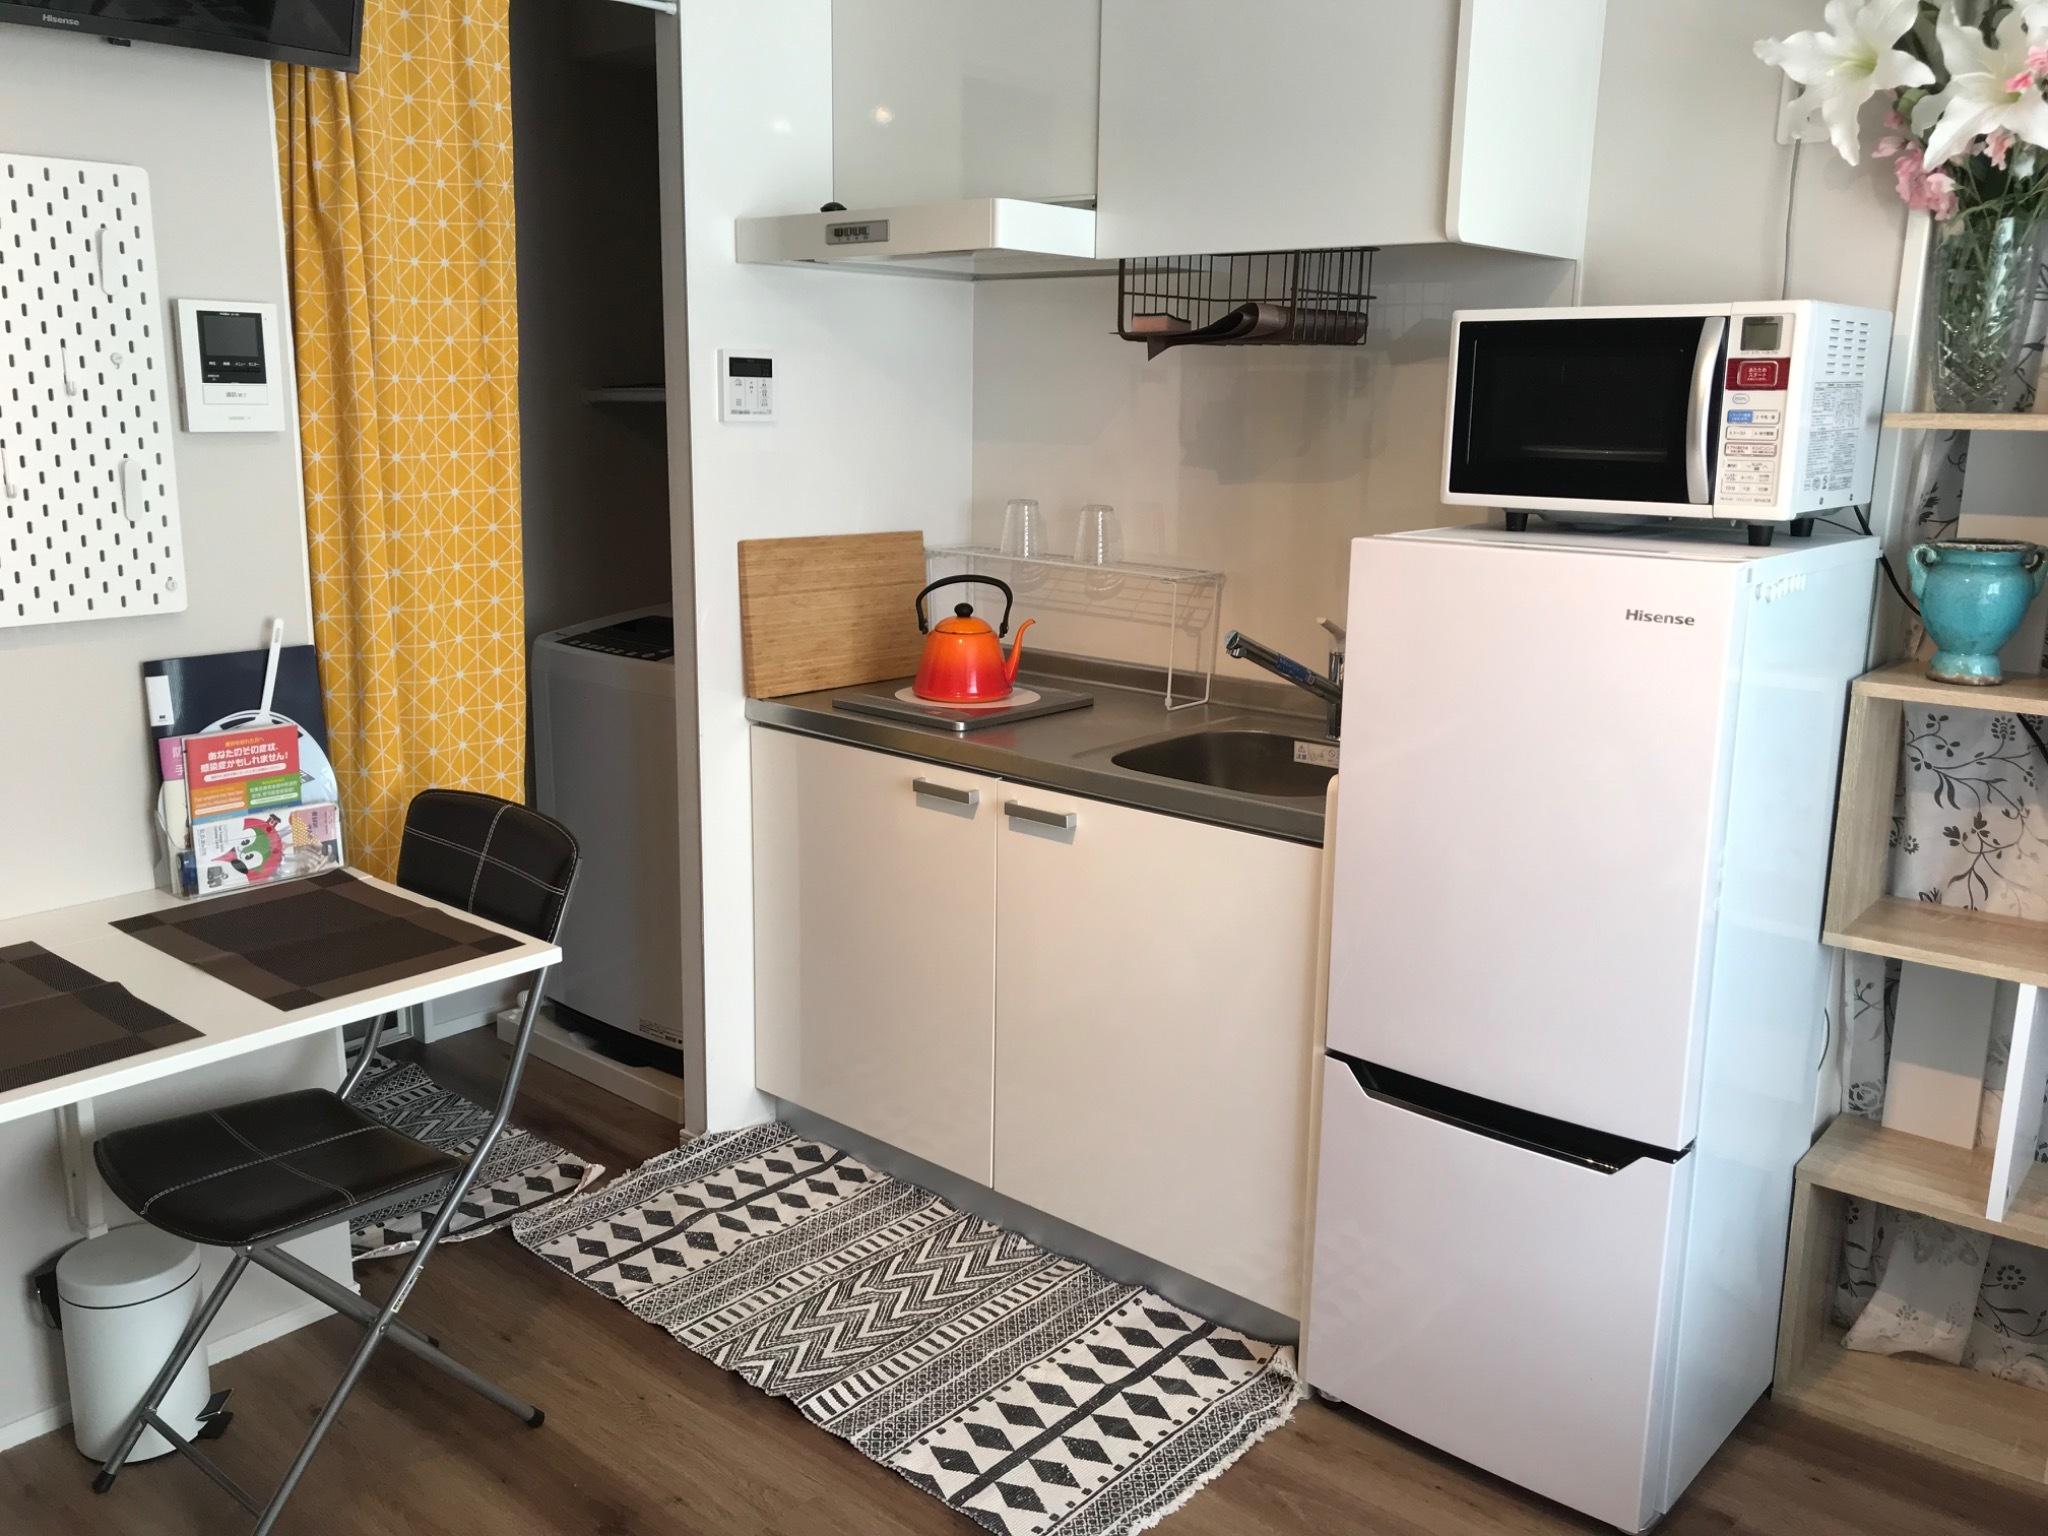 キッチン、冷蔵庫